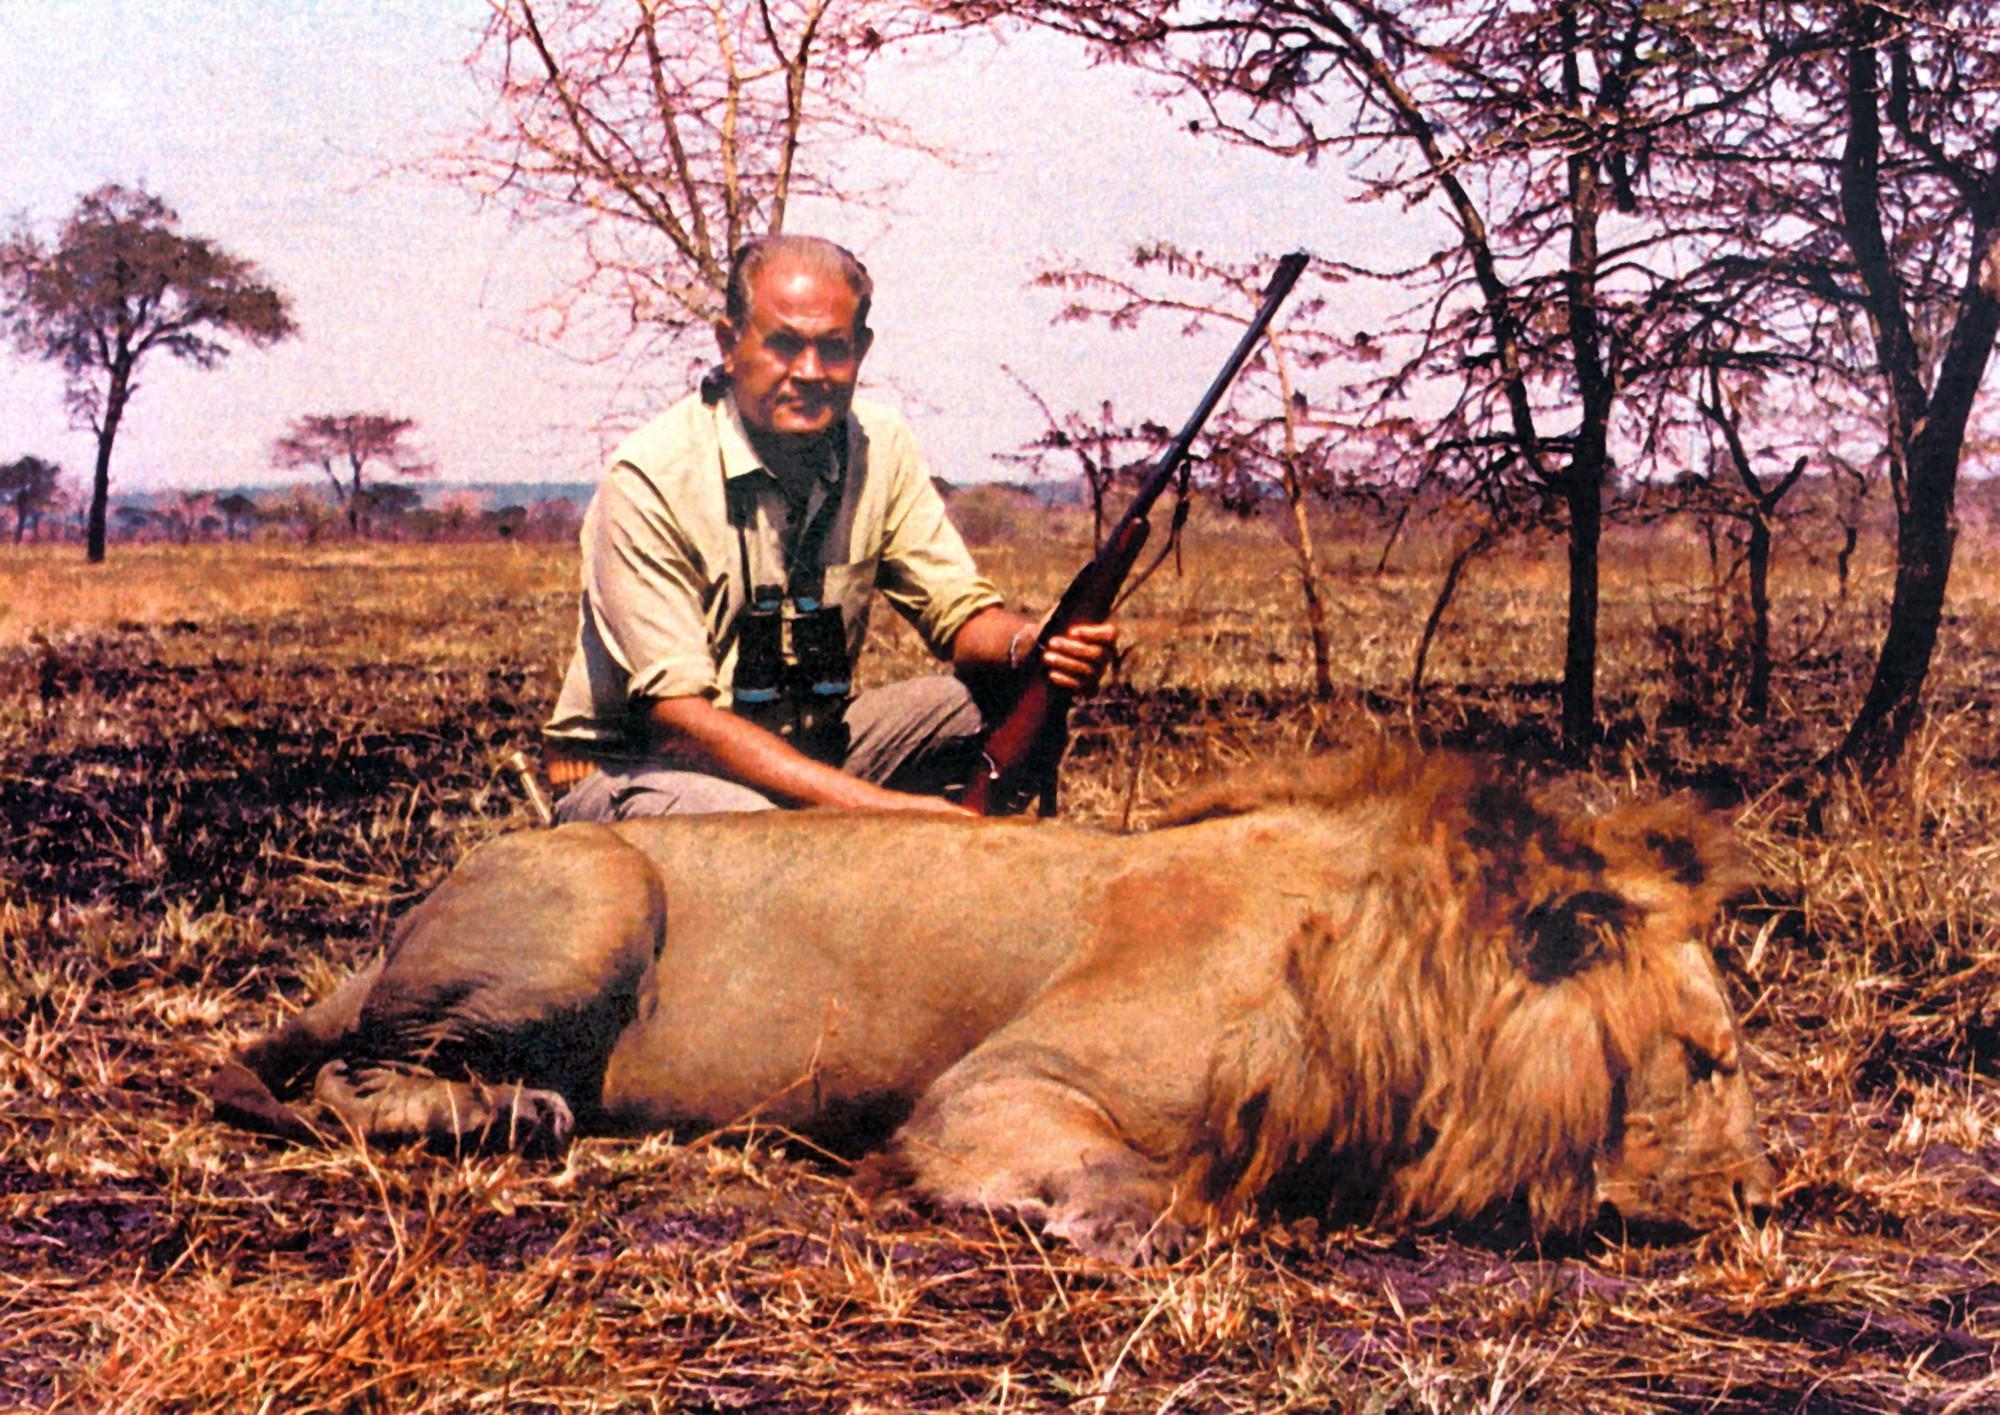 Ra tay sát hại hơn 1300 con voi, thợ săn tuyên bố: Loài voi sẽ sớm tuyệt chủng, thật đáng tiếc! - Ảnh 2.